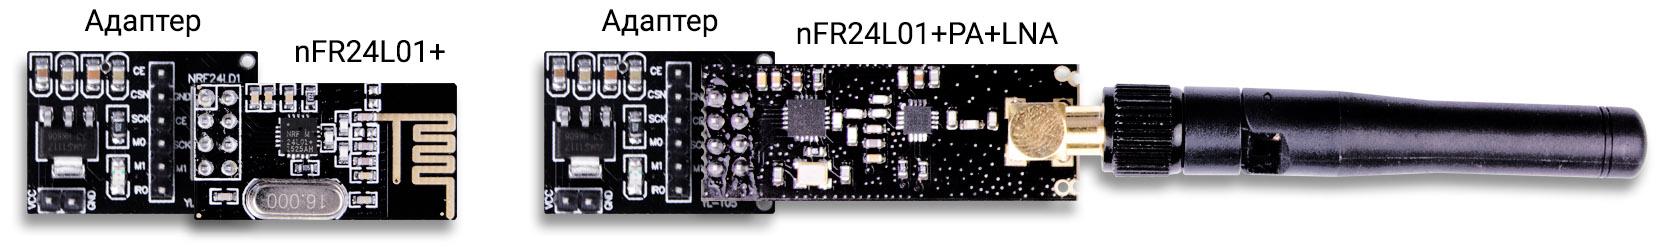 Подключение приёмопередатчика nRF24L01 к адаптеру